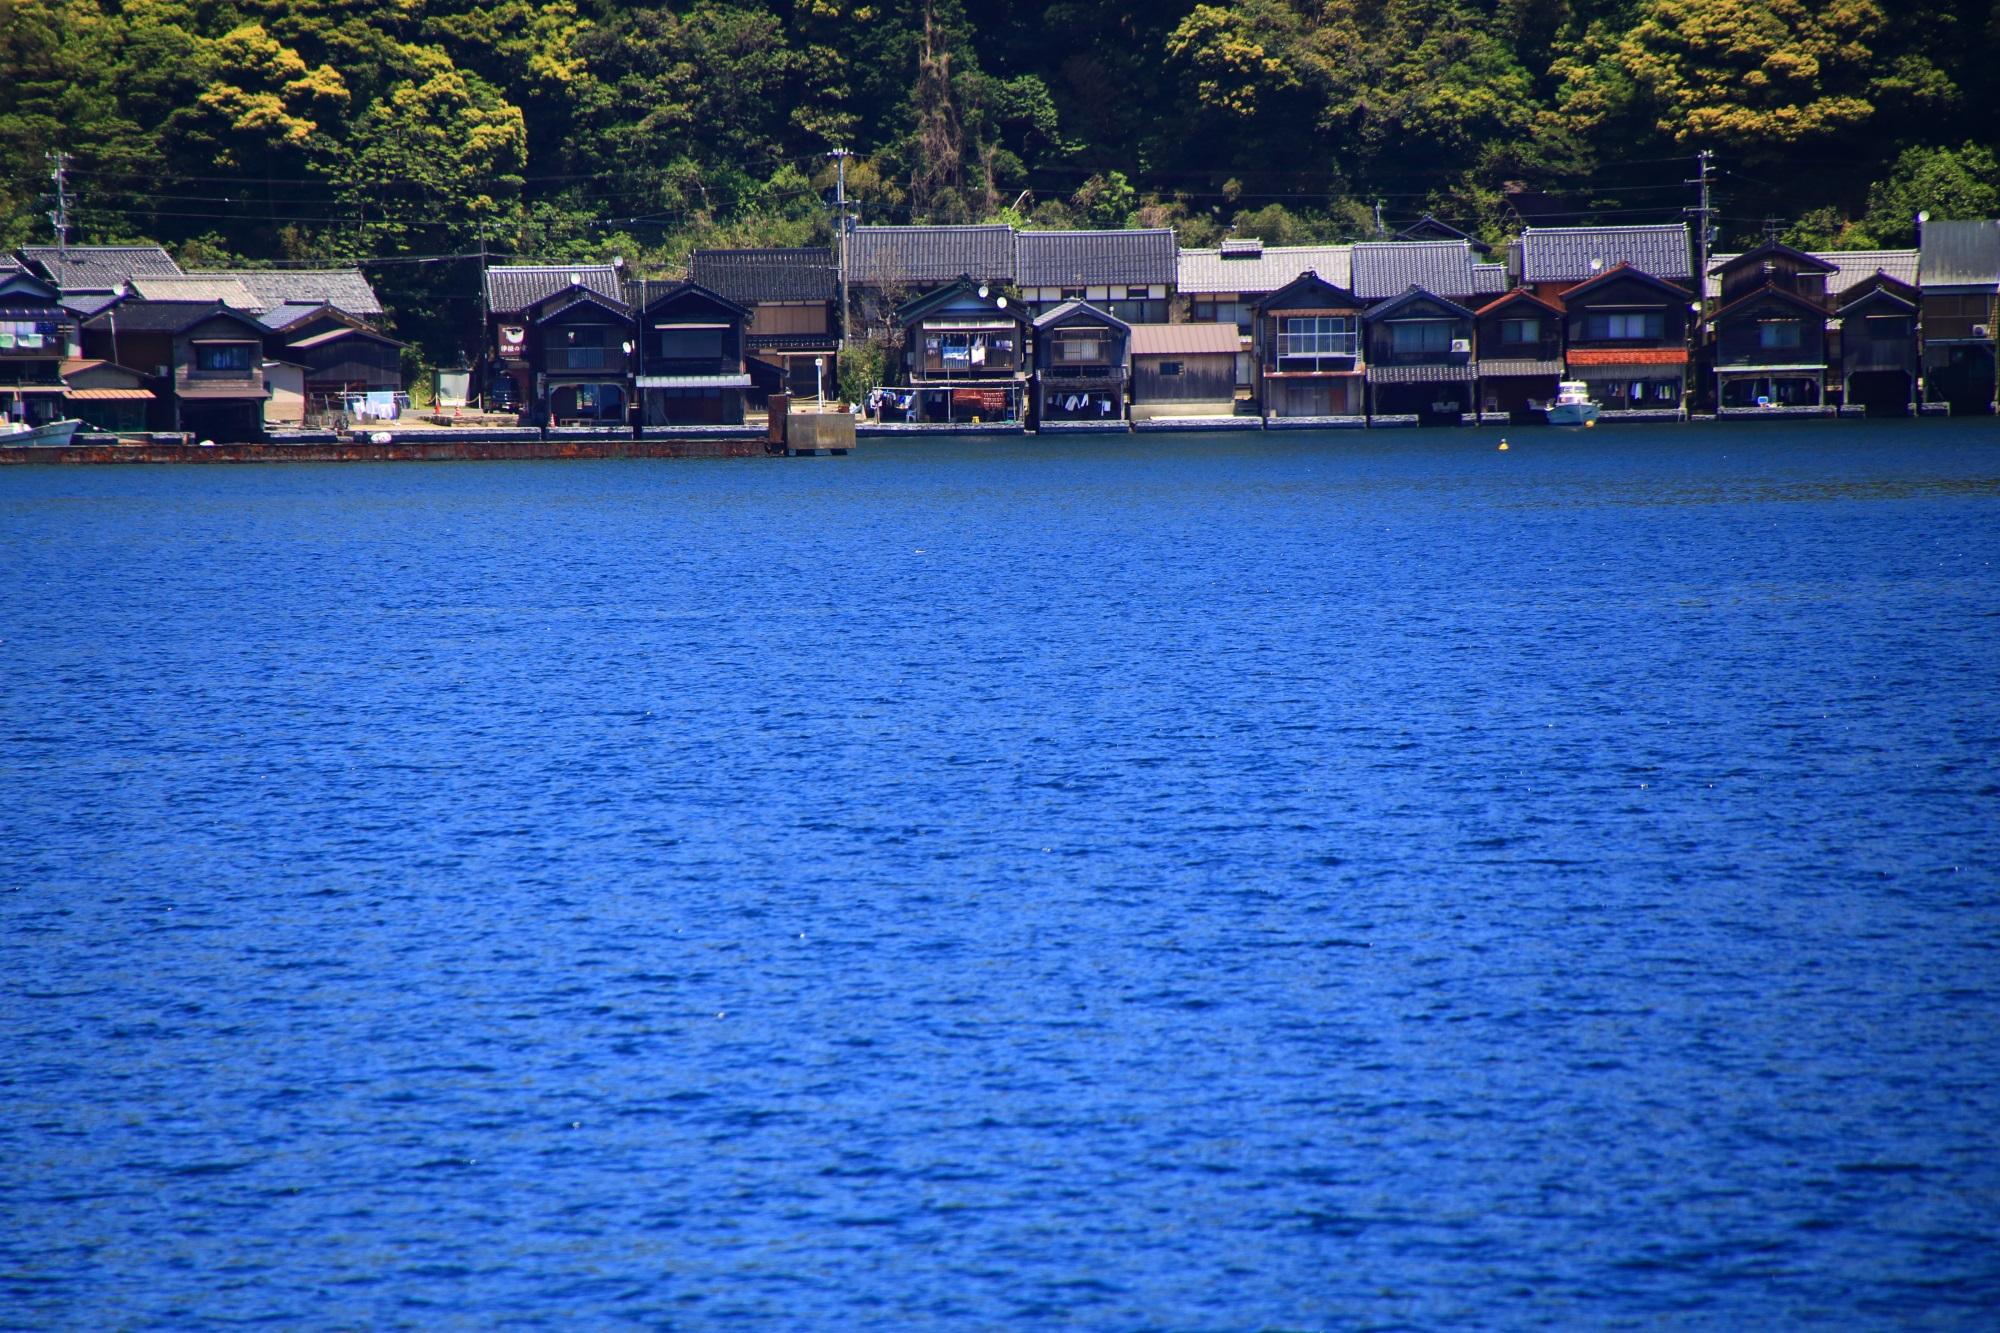 まさに海の家や海の街といえる伊根の舟屋